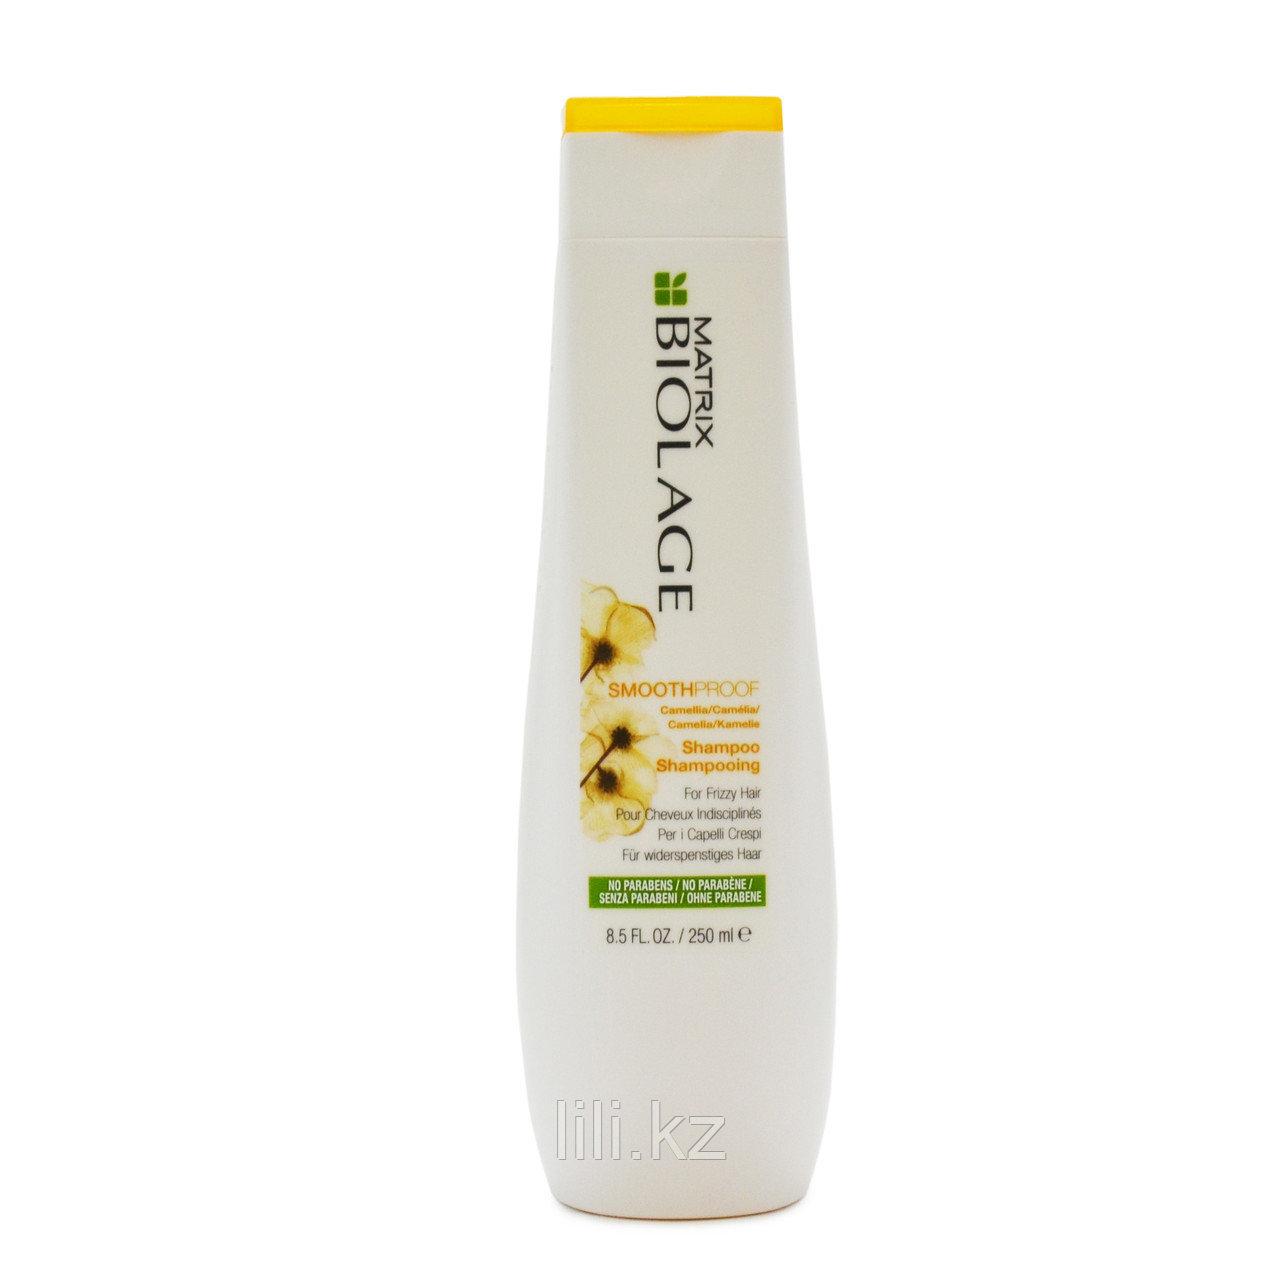 Шампунь для непослушных, вьющихся волос с экстрактом камелии Matrix Biolage Smoothproof Shampoo 250 мл.